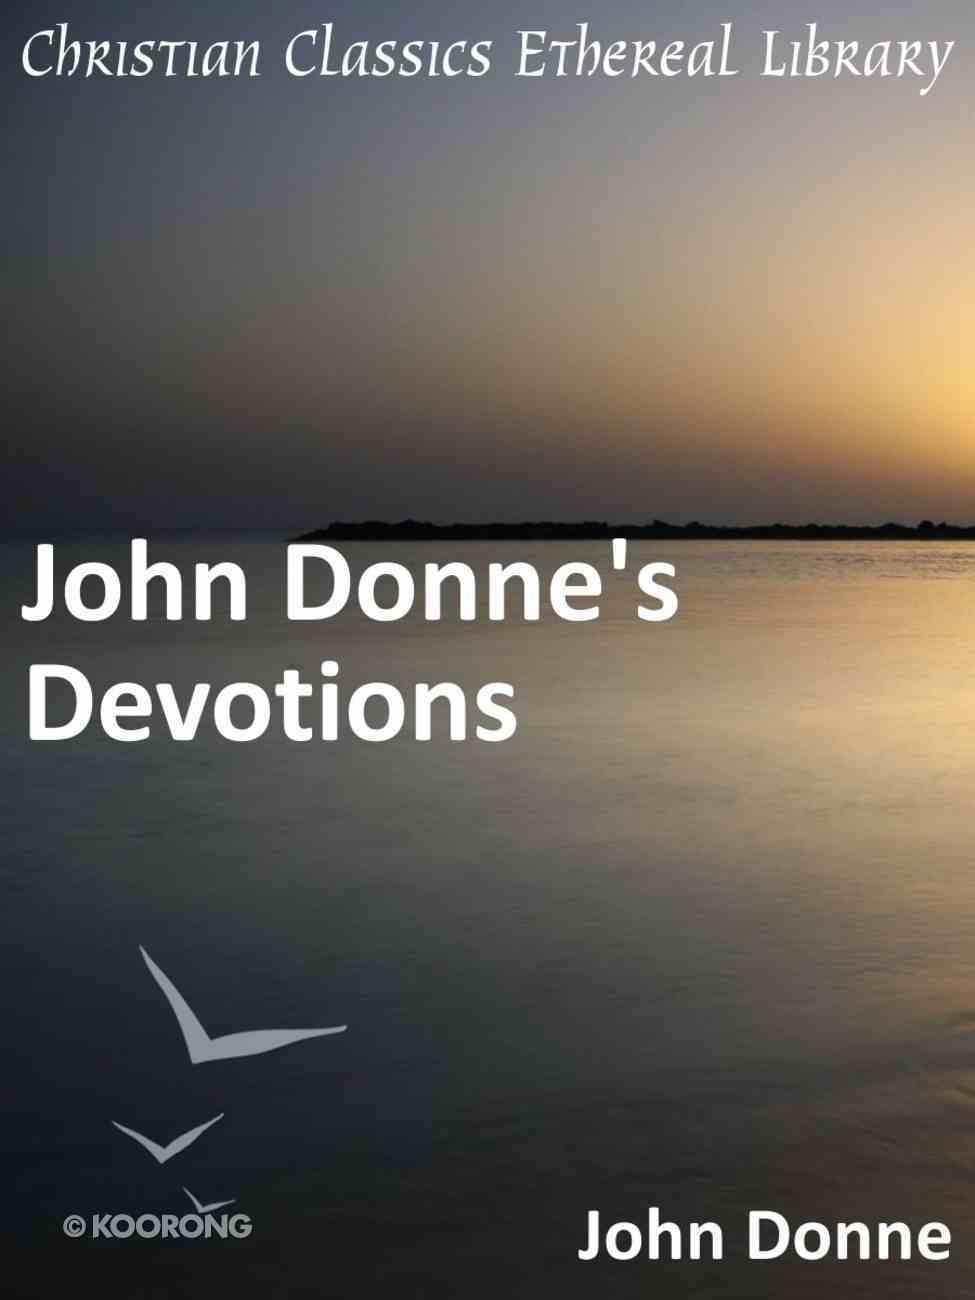 John Donne's Devotions eBook